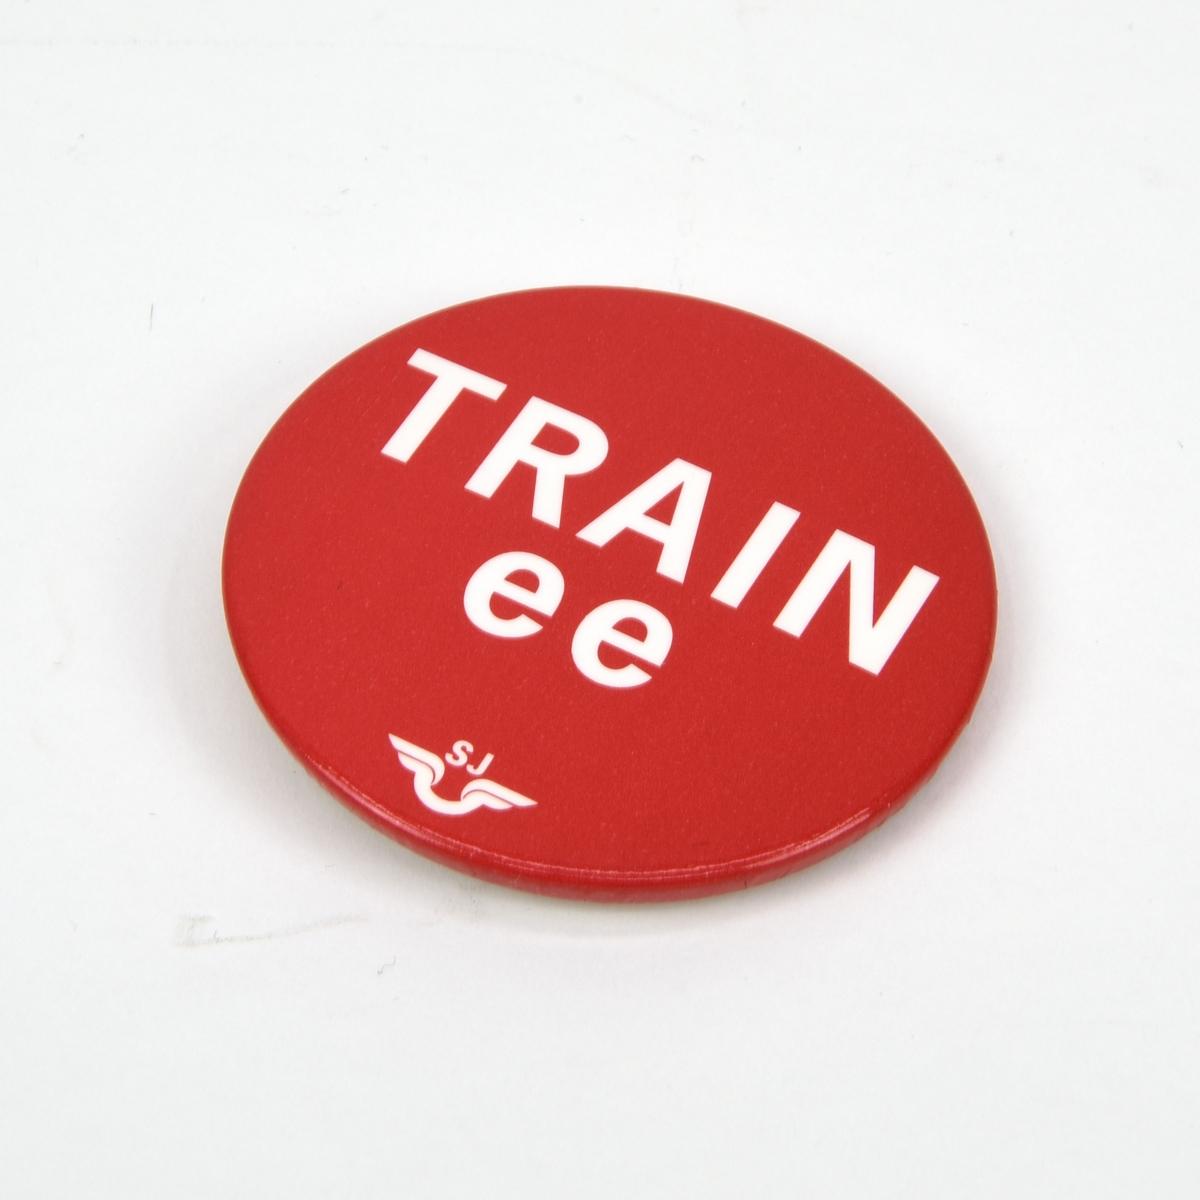 """Rund pin med texten """"TRAINee"""" i vitt mot röd botten. Under texten finns SJ:s logotyp. Baksidan består av vit plast med en infälld säkerhetsnål."""